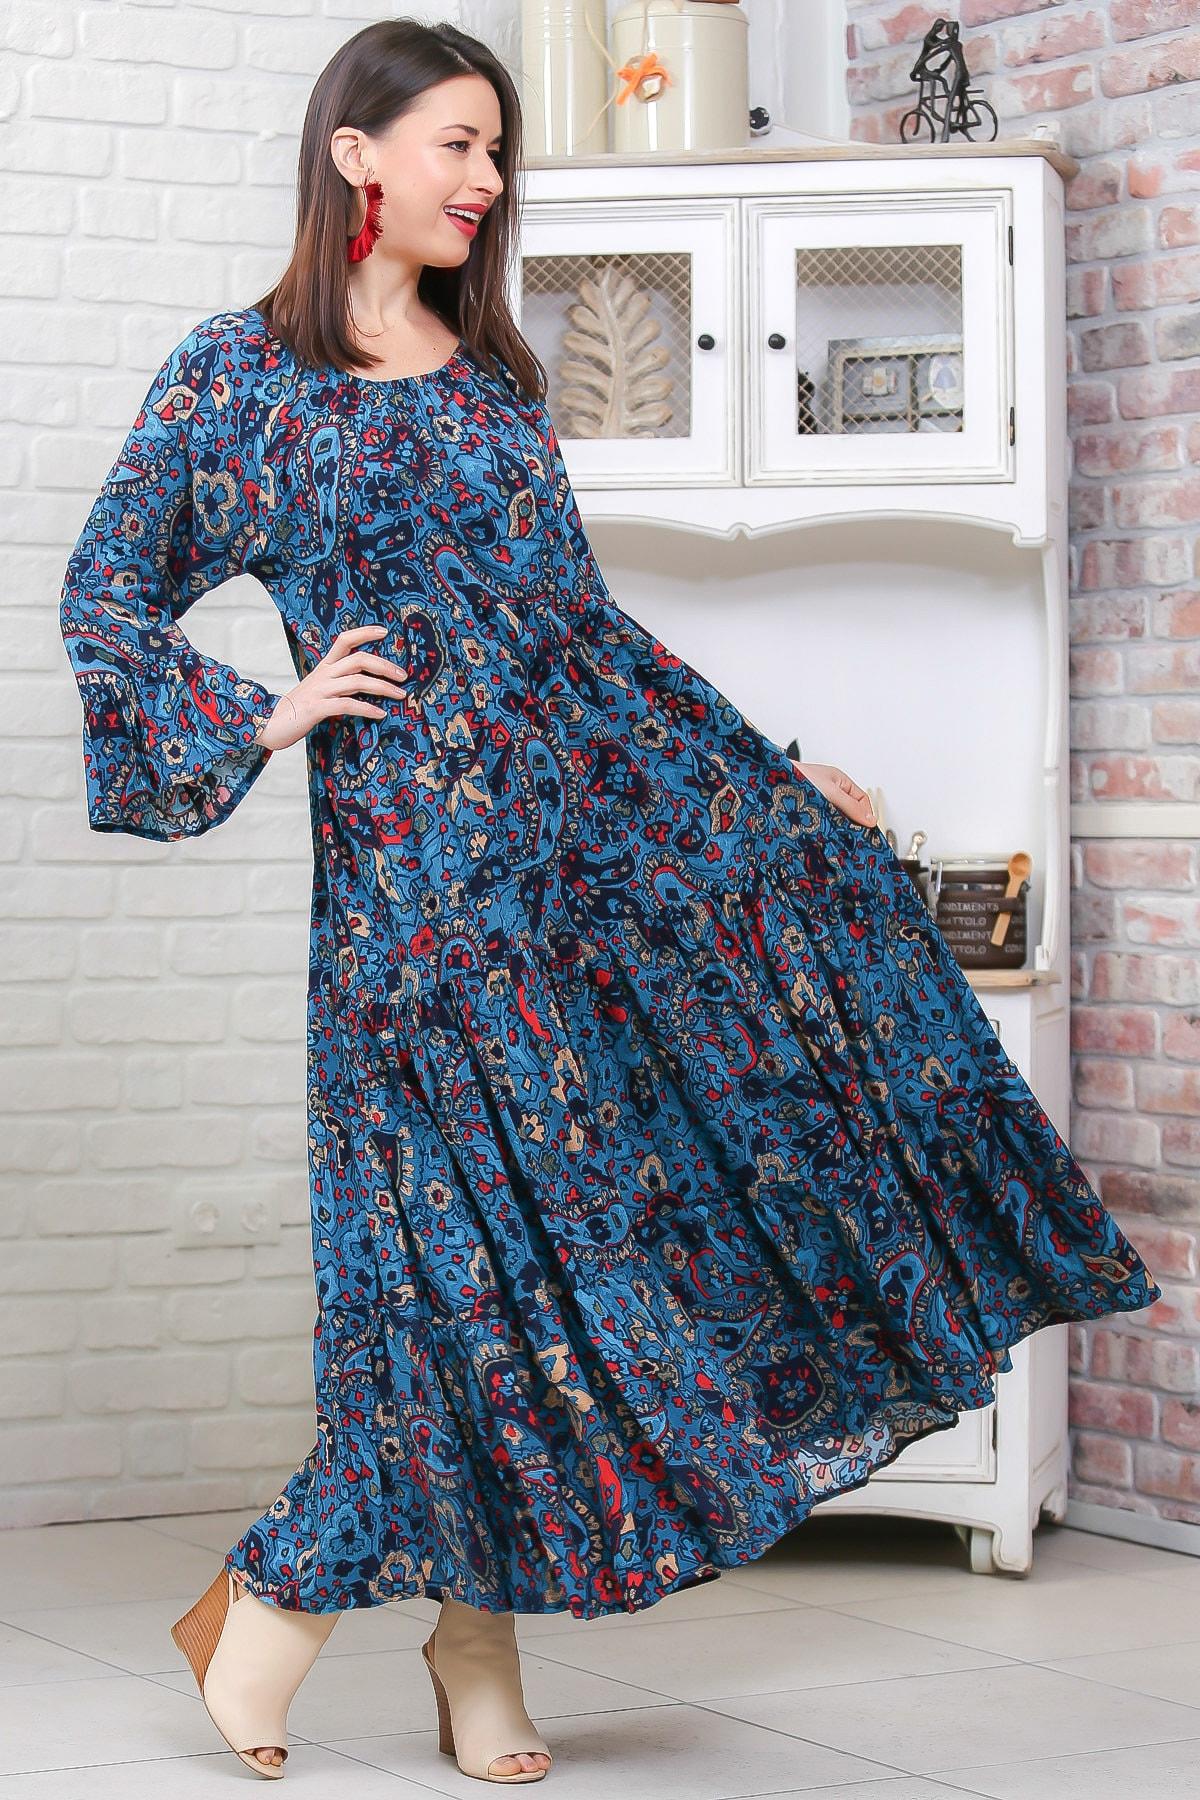 Chiccy Kadın Petrol Mavisi Bohem Çiçek Desenli Kolları Volanlı Dokuma Elbise M10160000EL96973